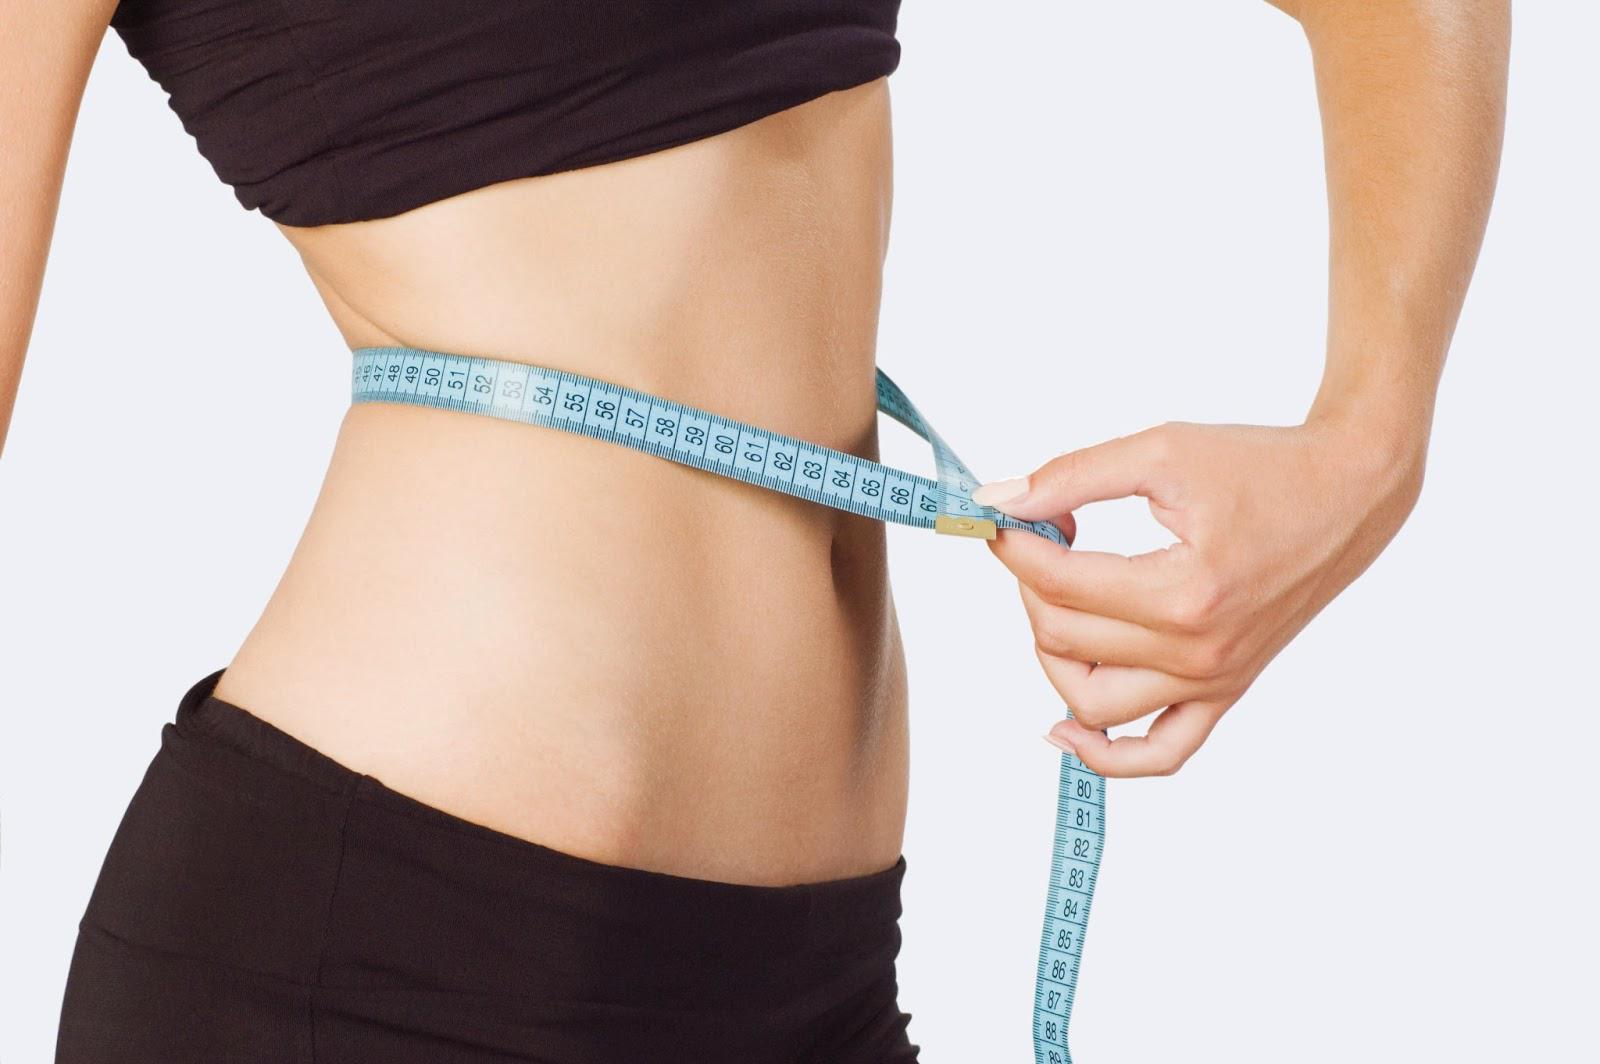 Как Добиться Похудения В Талии. Как быстро похудеть в талии и животе. Упражнение, диеты, питание, обертывания в домашних условиях